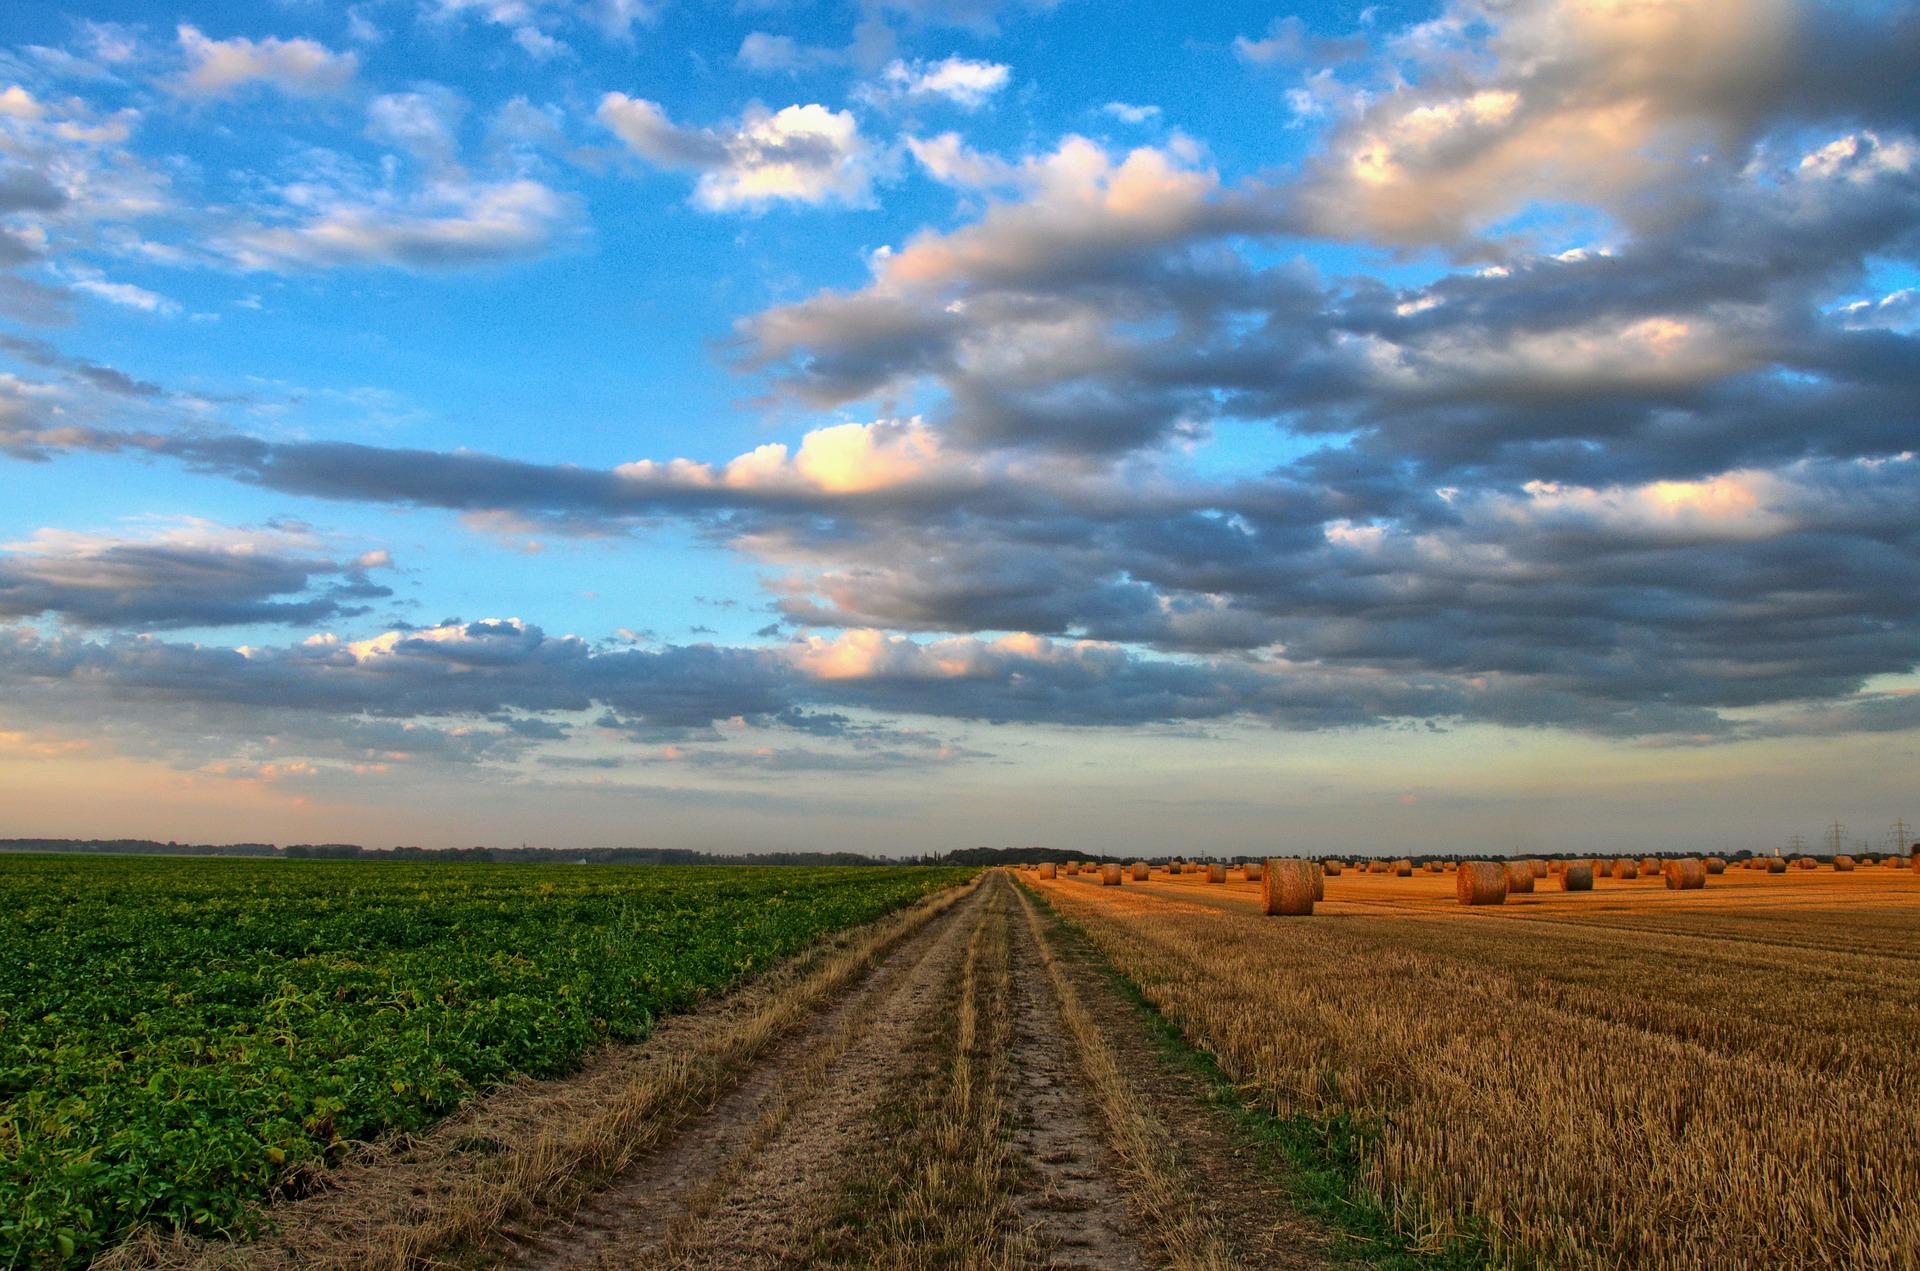 Ist unsere Landwirtschaft klimafest? Podiumsdiskussion in Simmern